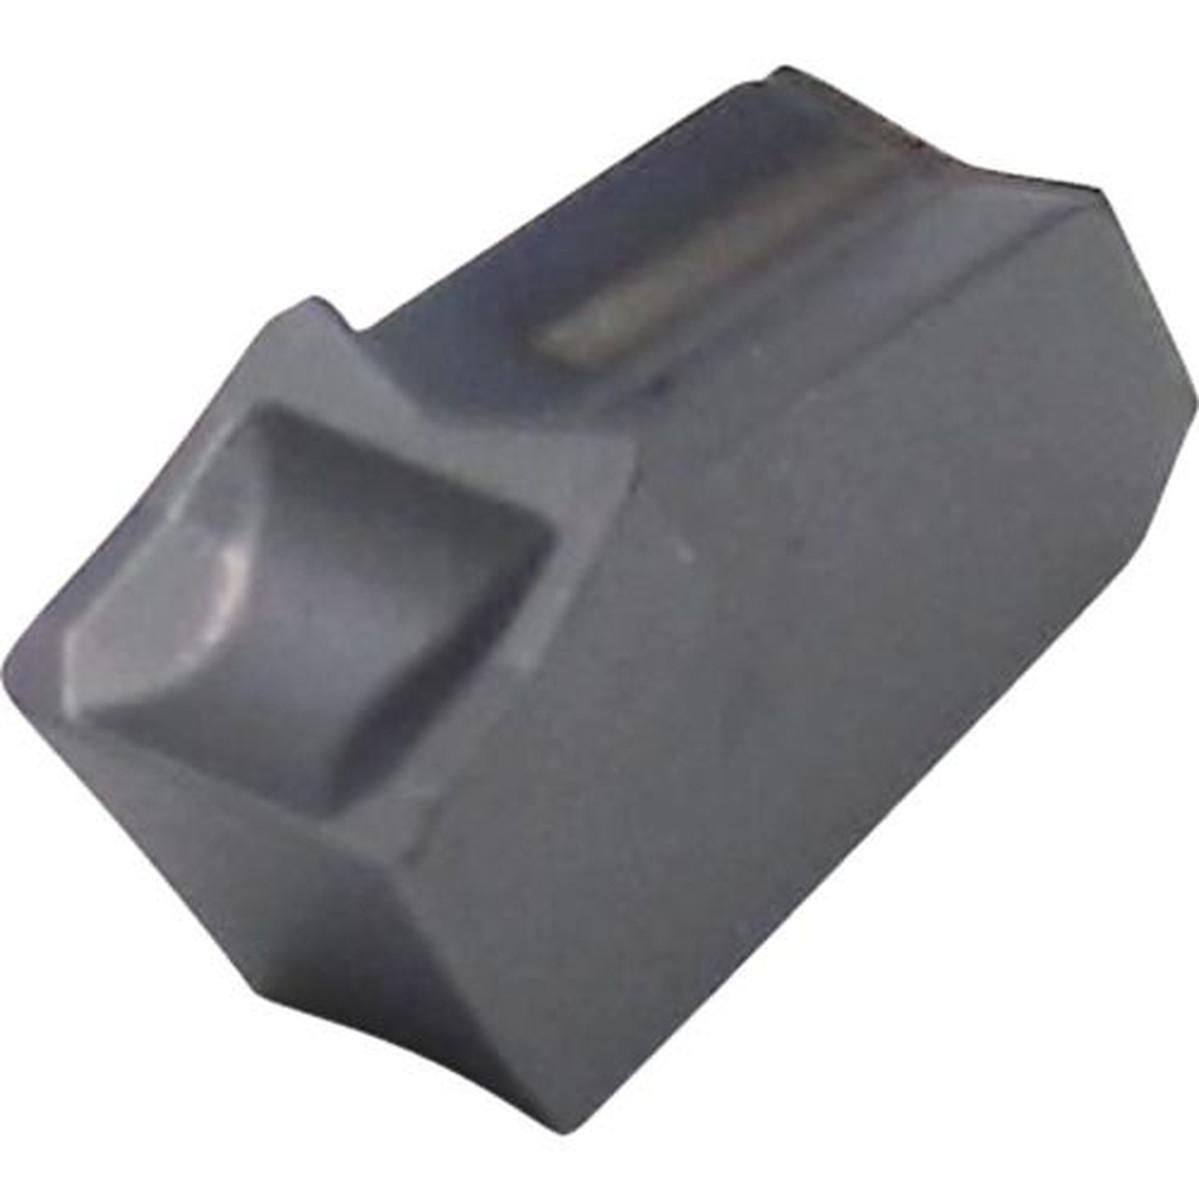 大幅値下げランキング あす楽対応 DIY用品 高価値 イスカル セルフグリップ 10個 IC354